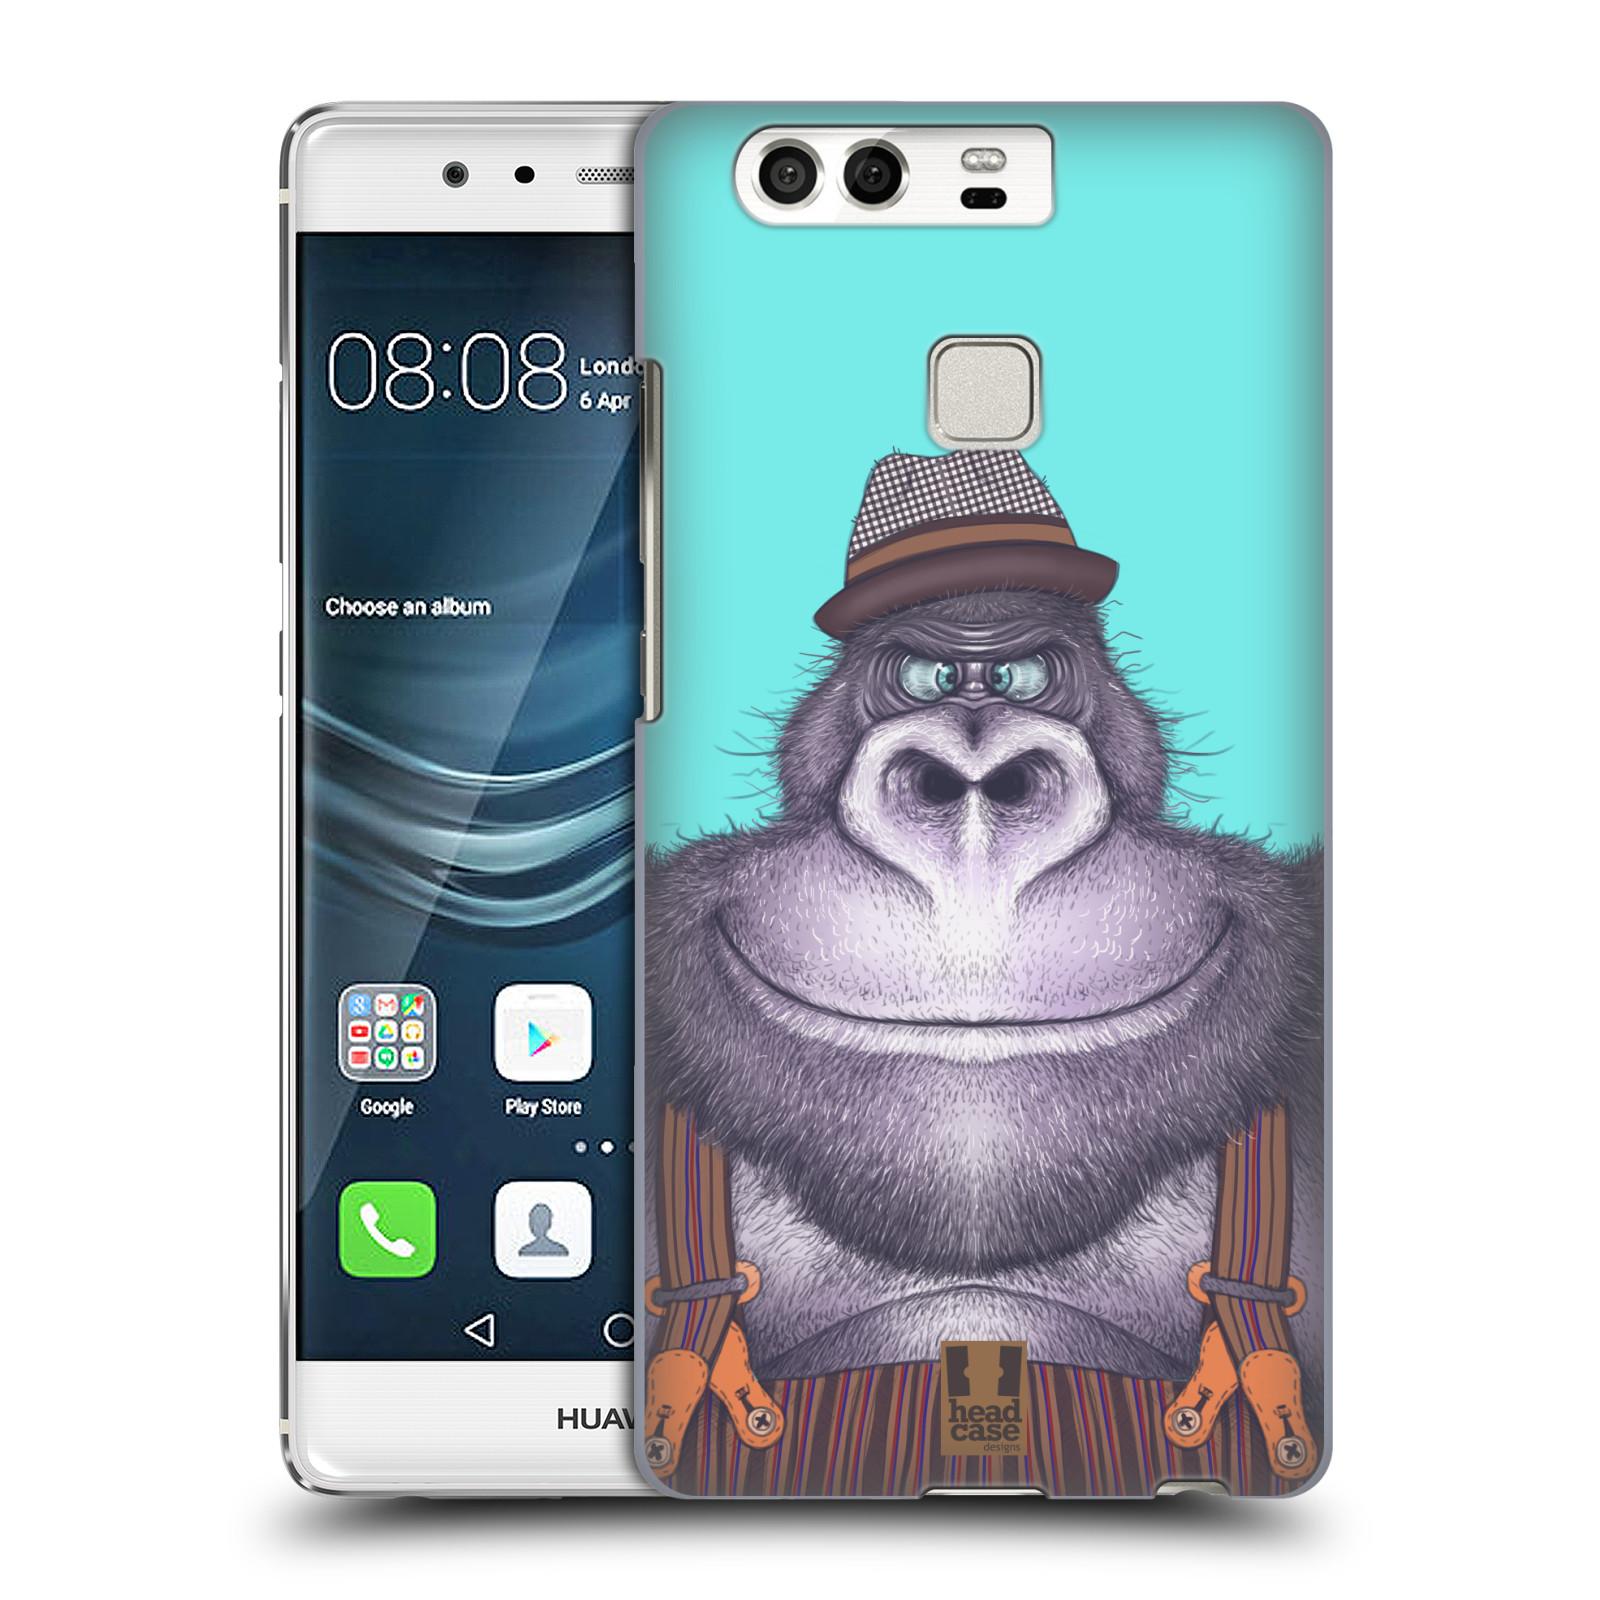 HEAD CASE plastový obal na mobil Huawei P9 / P9 DUAL SIM vzor Kreslená zvířátka gorila